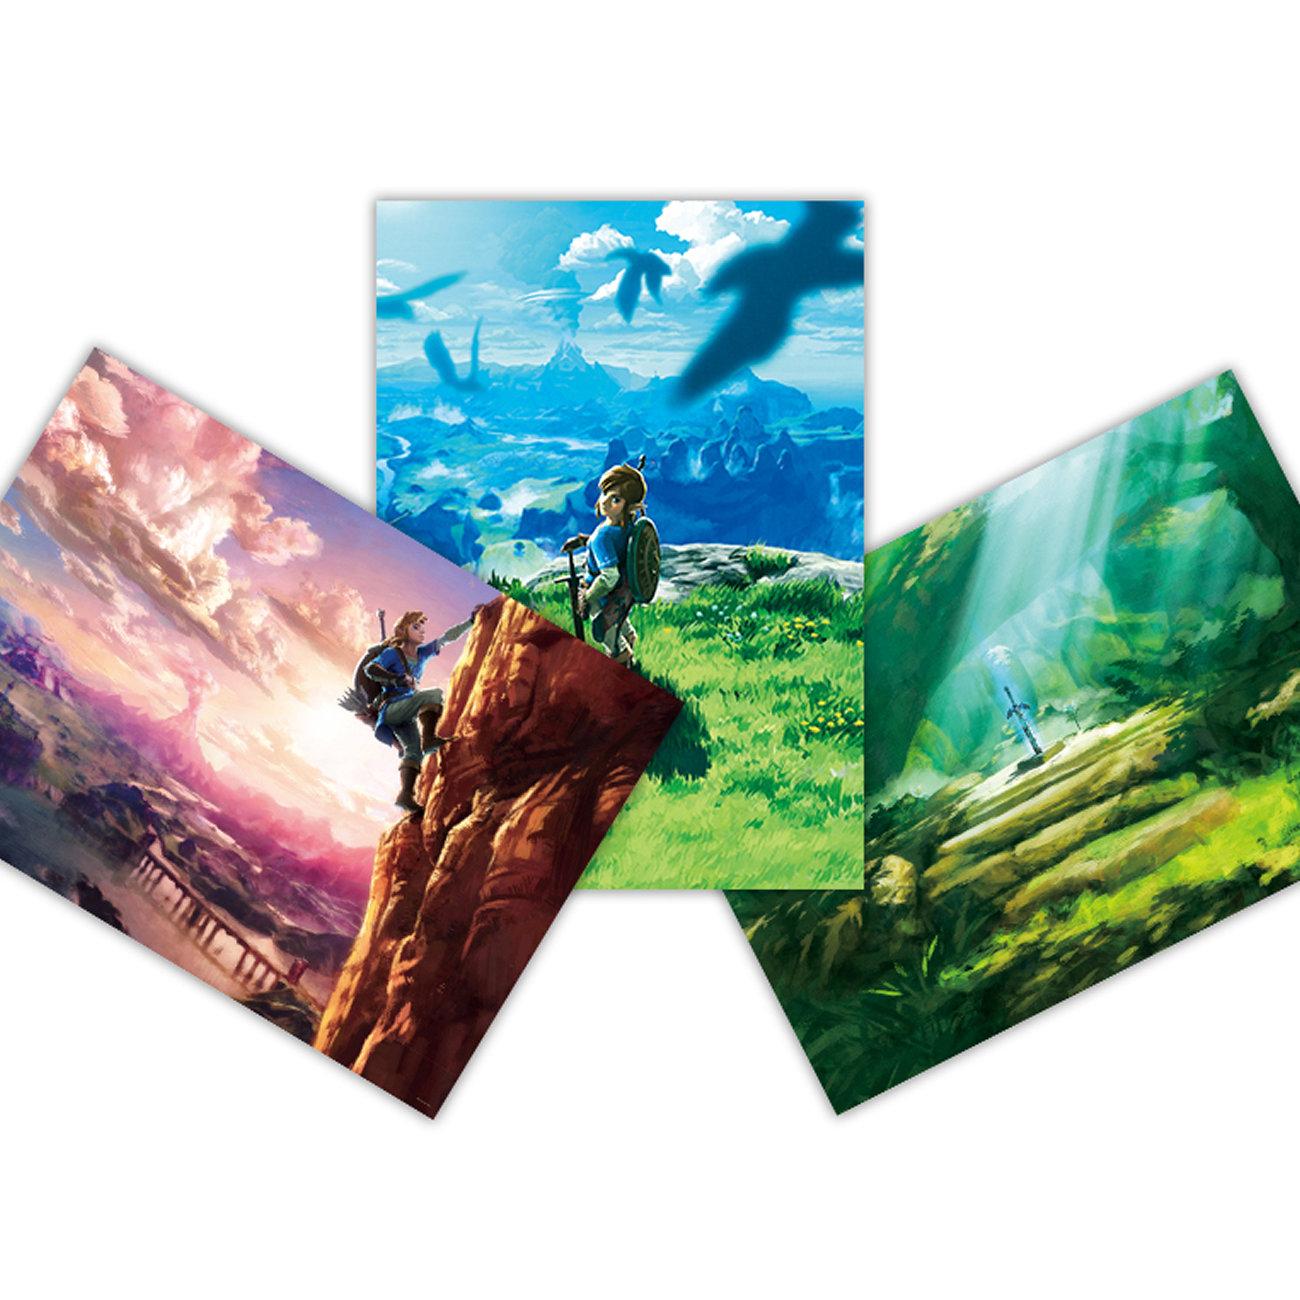 ゼルダの伝説 ブレス オブ ザ ワイルド、プラチナP交換可能ポスター